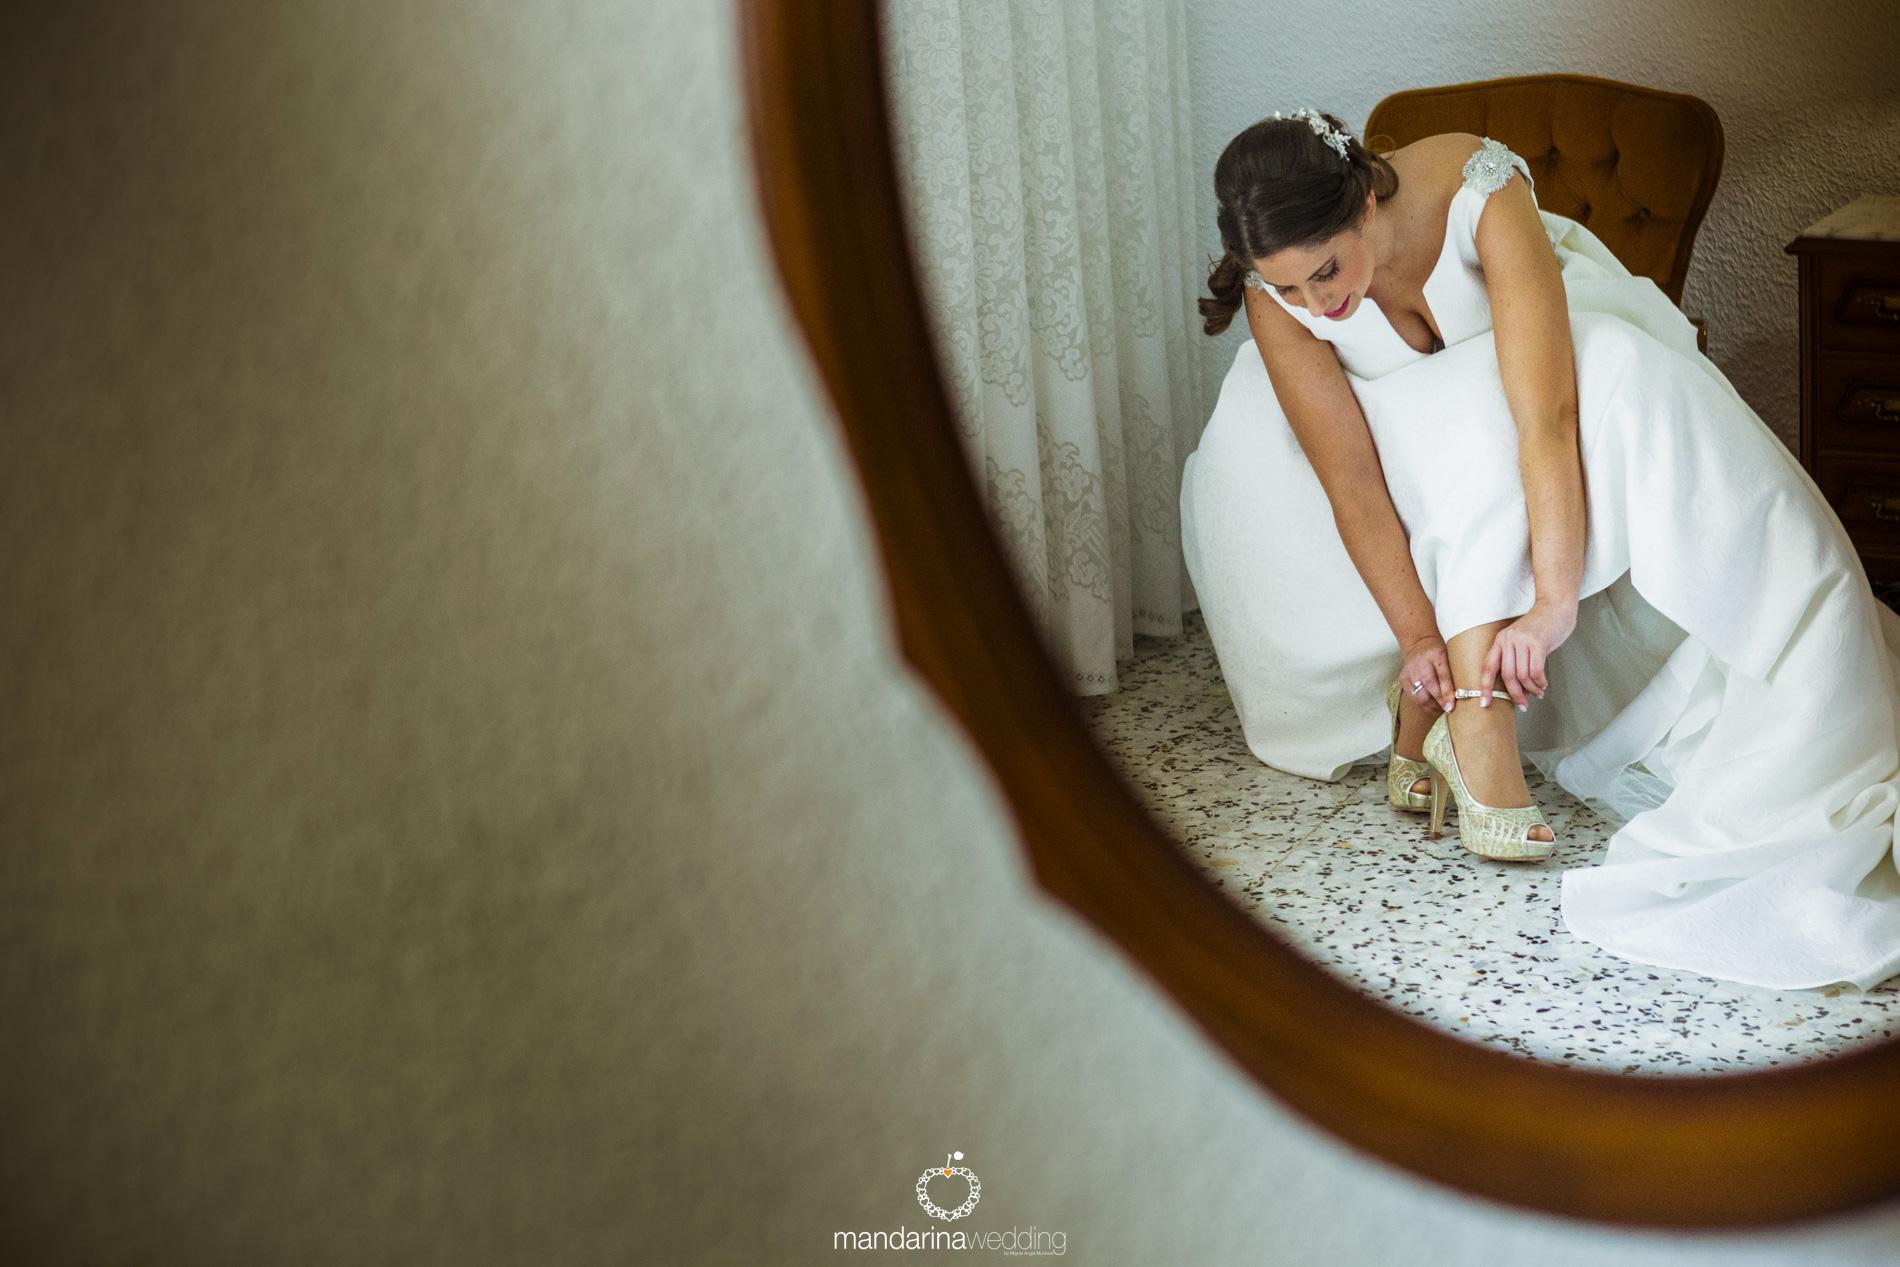 mandarina wedding, fotografo de boda, fotografo boda soria, fotografo boda barcelona, fotografo boda Madrid, fotografo boda lerida, fotografo boda Huesca, fotografo de destino_012